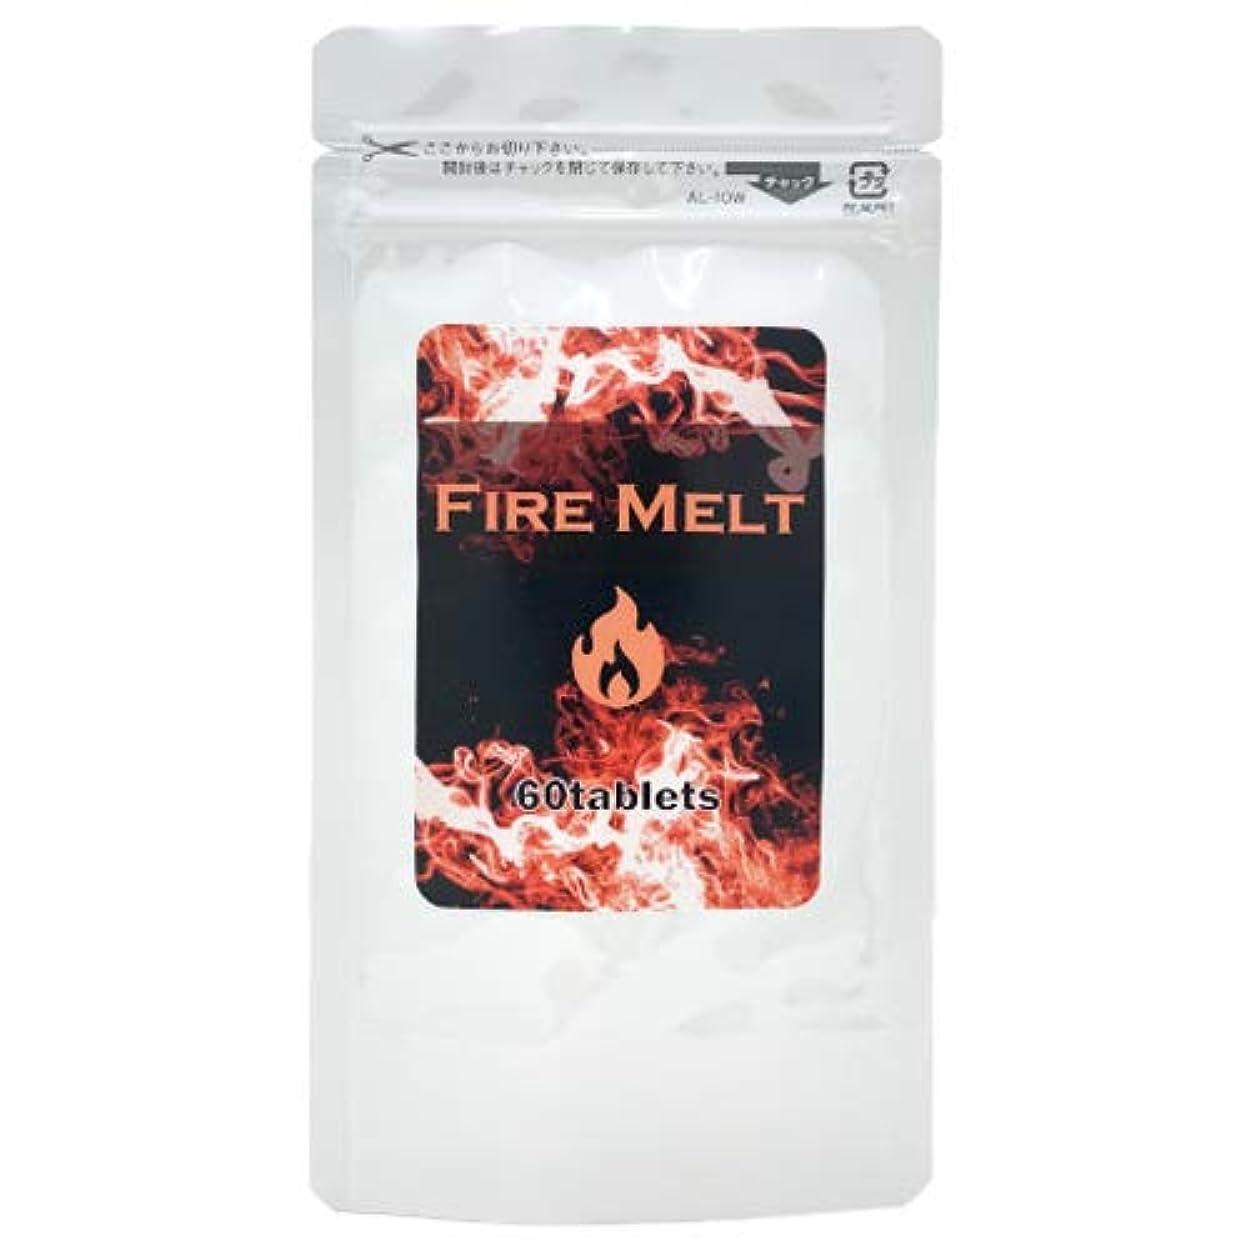 ブランド悪名高い飾り羽ファイアーメルト firemelt 60粒 約30日分 ダイエット サプリ 燃焼